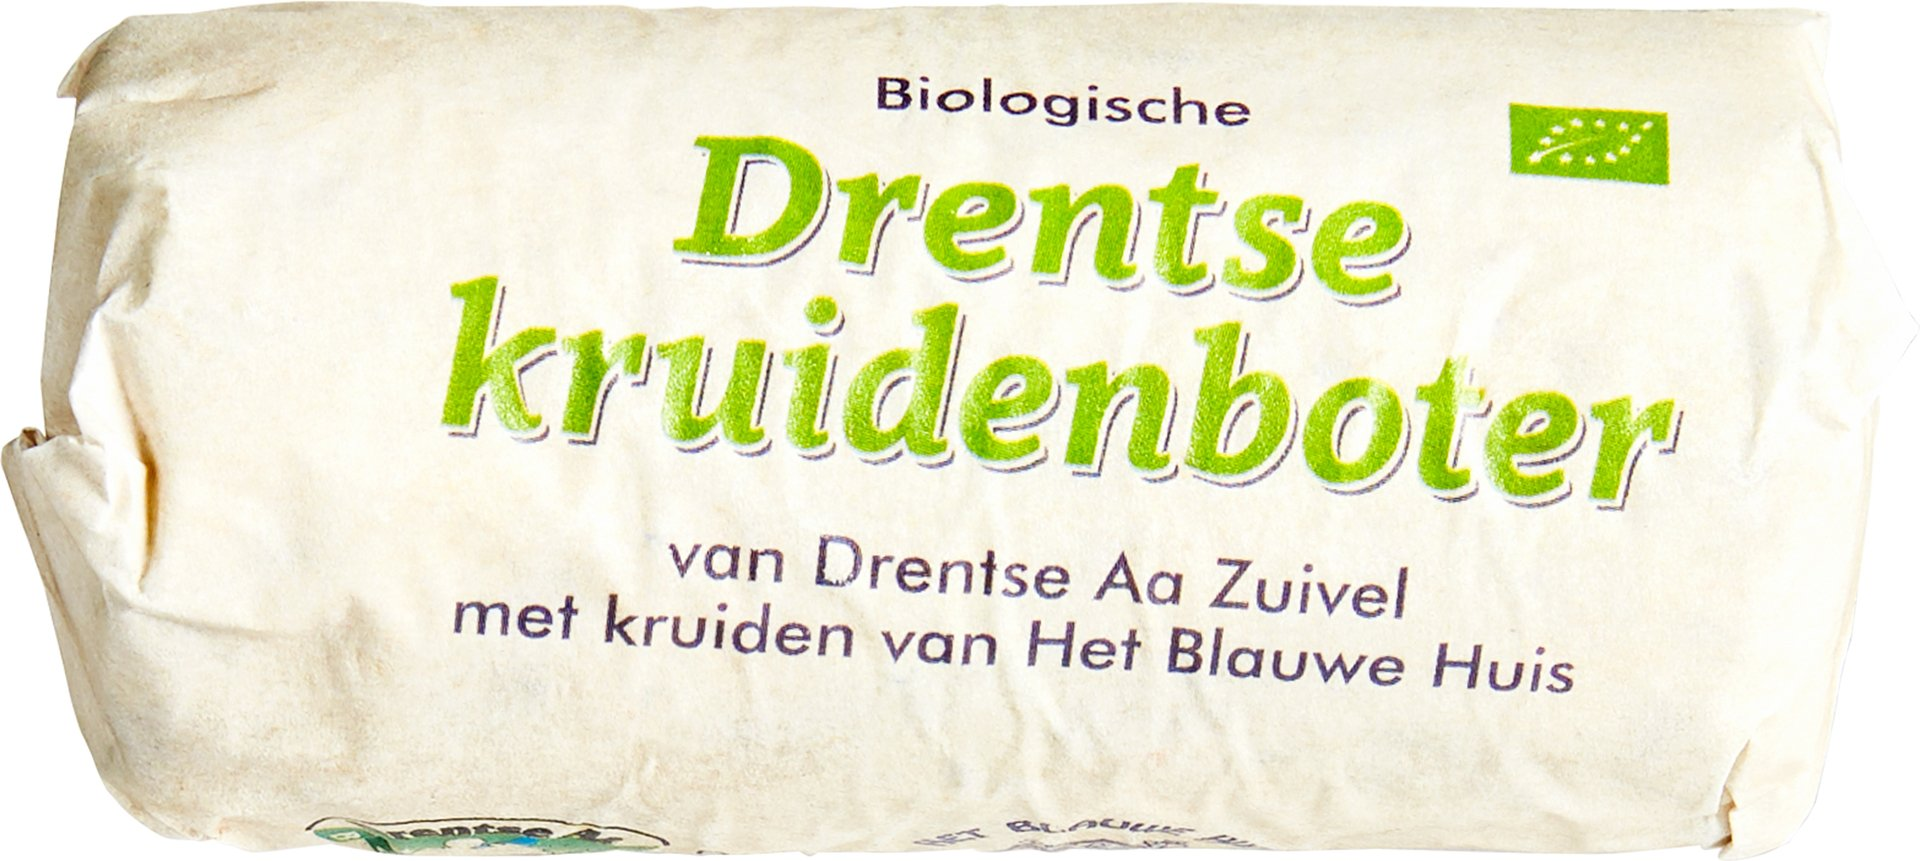 Biologische Drentse Aa Kruidenboter 125 gr